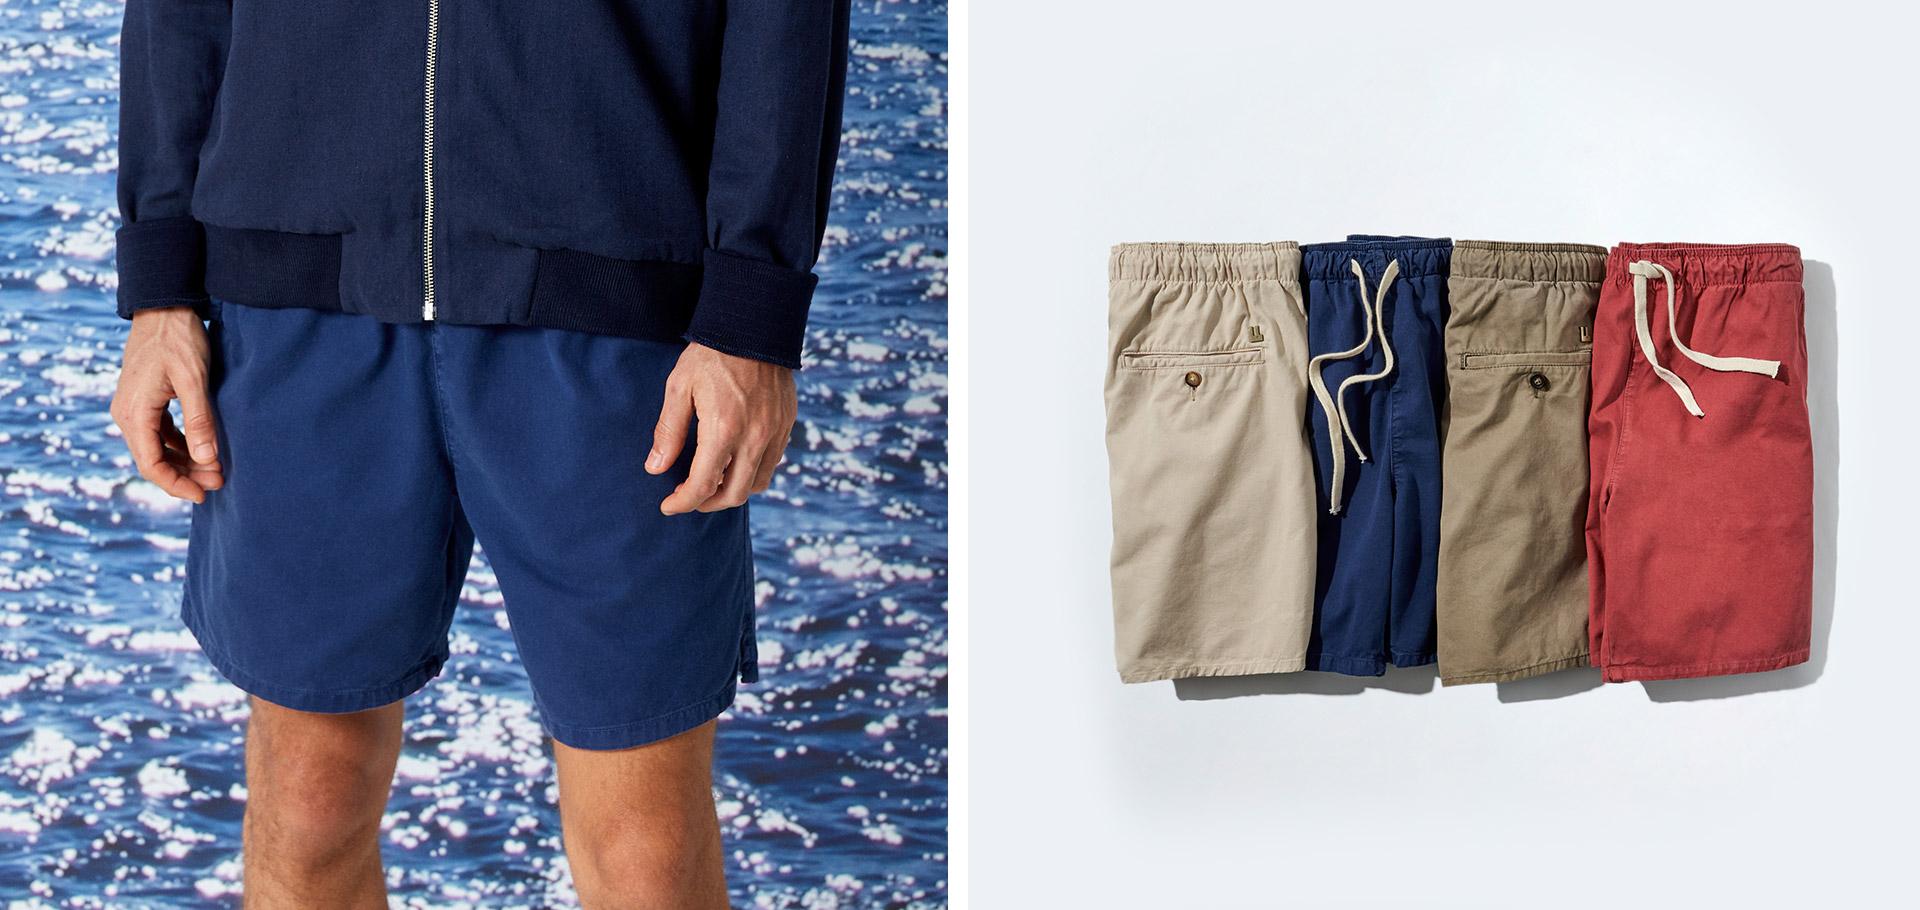 2 - bermudas e shorts